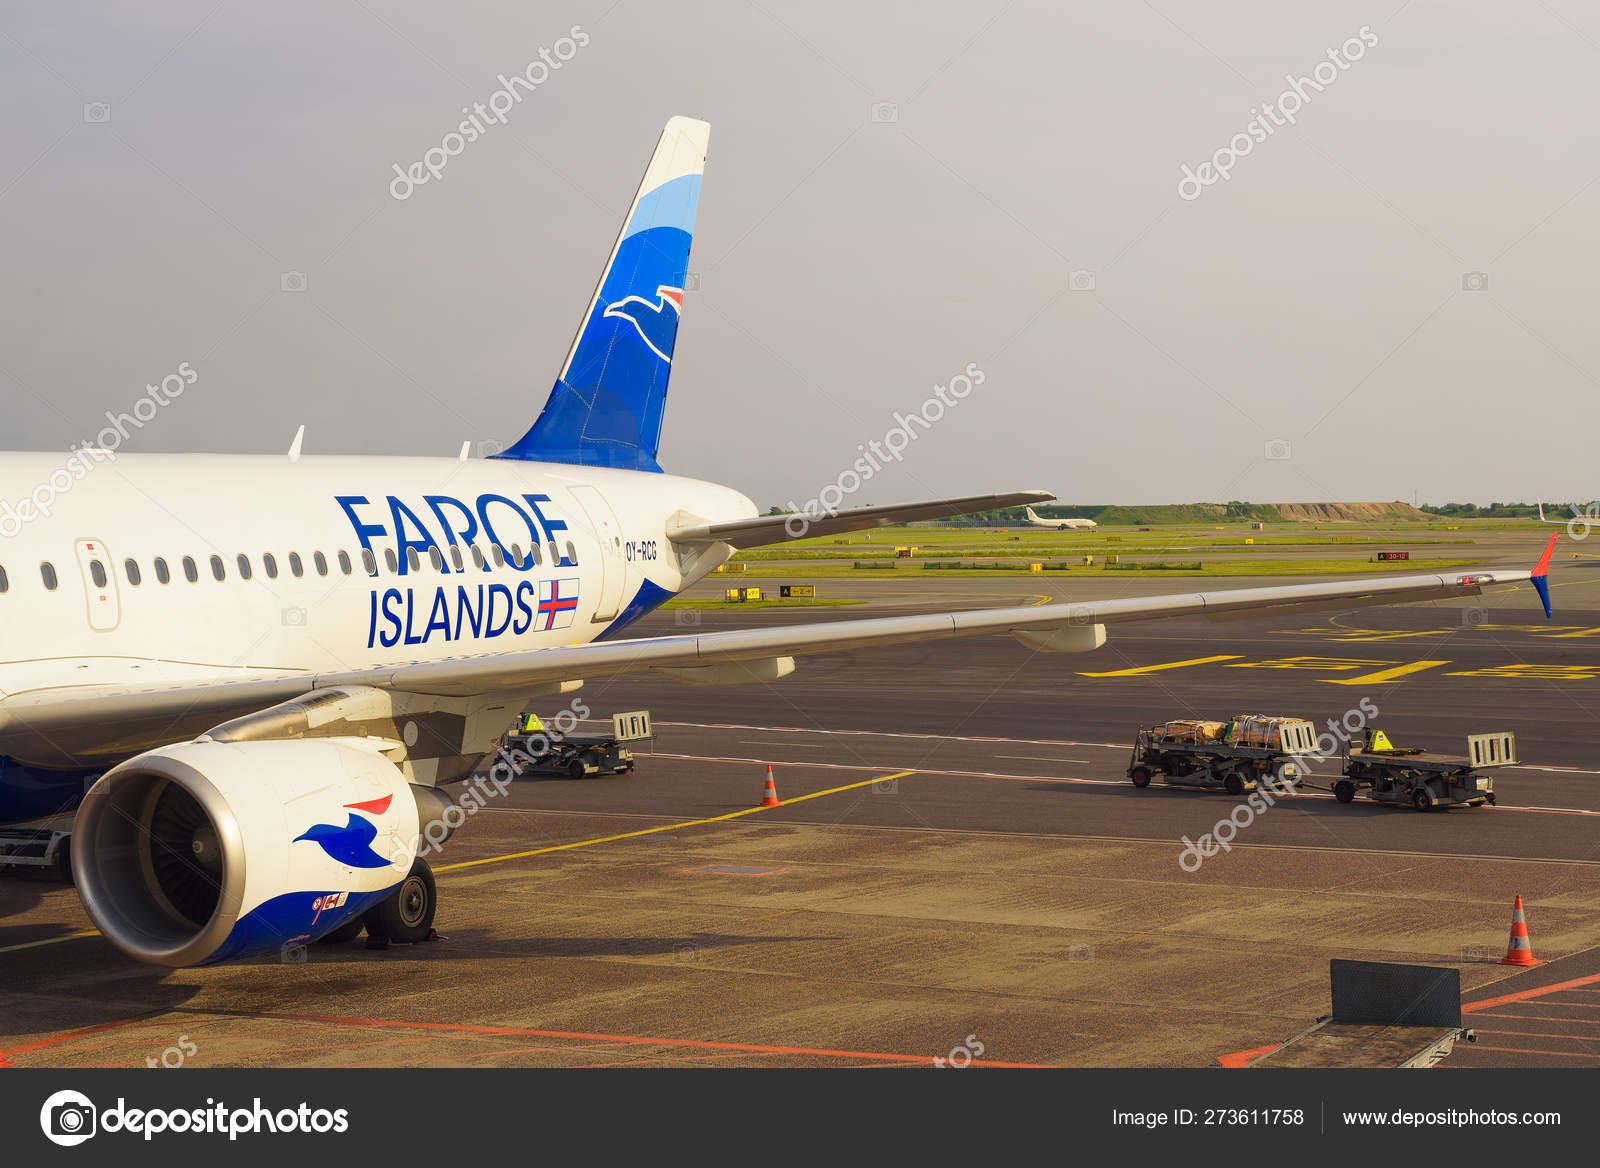 Авиакомпании фарерских островов